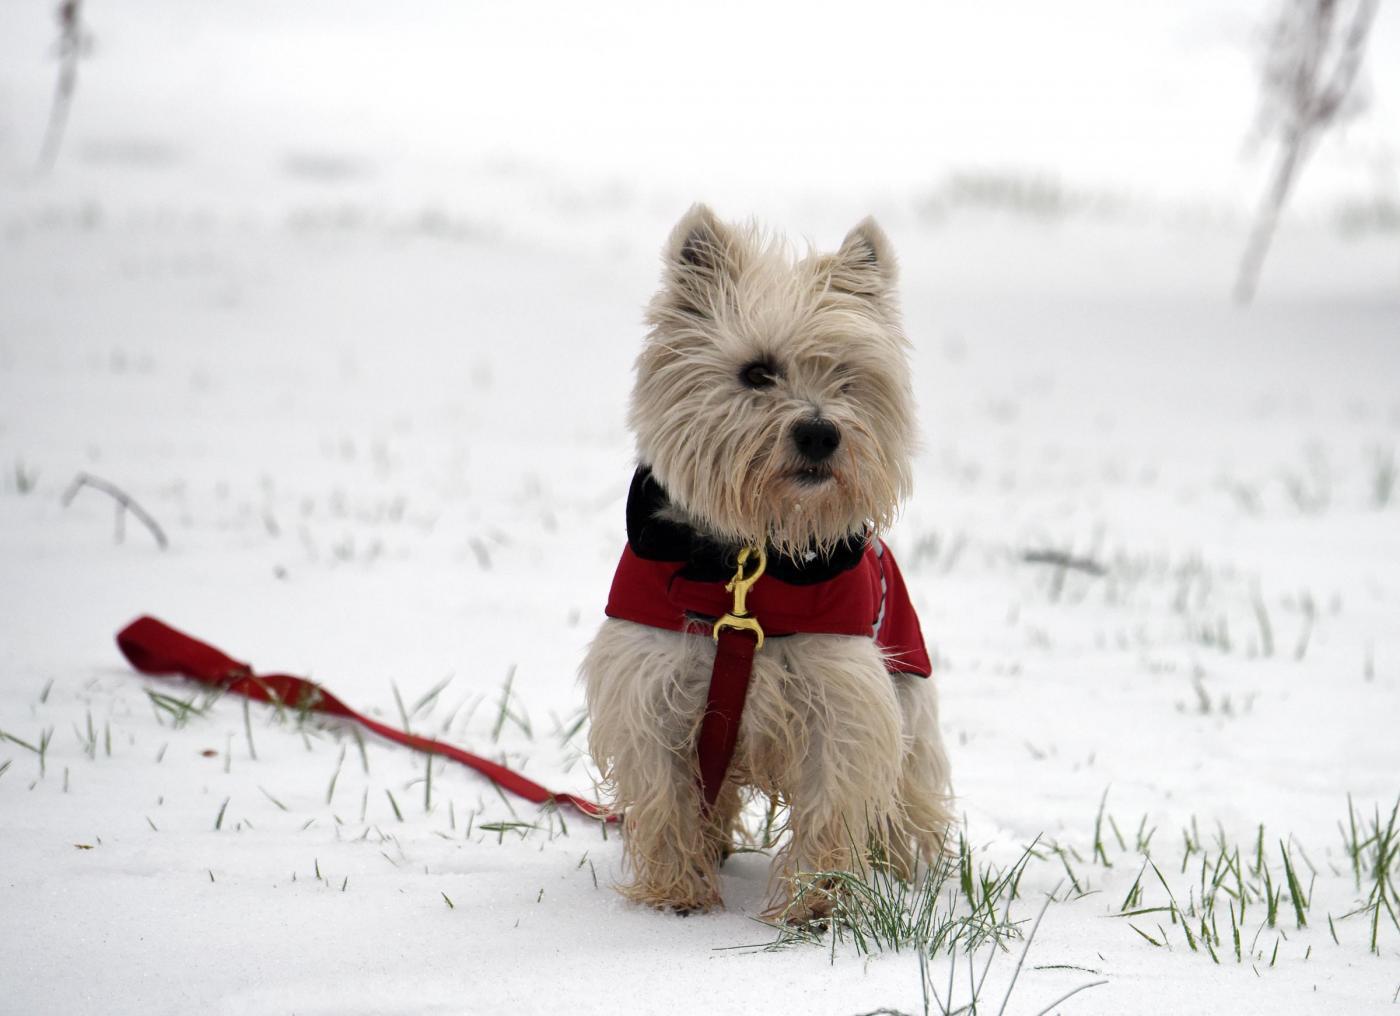 Perché si dice 'freddo cane'? Il significato di un bizzarro modo di dire